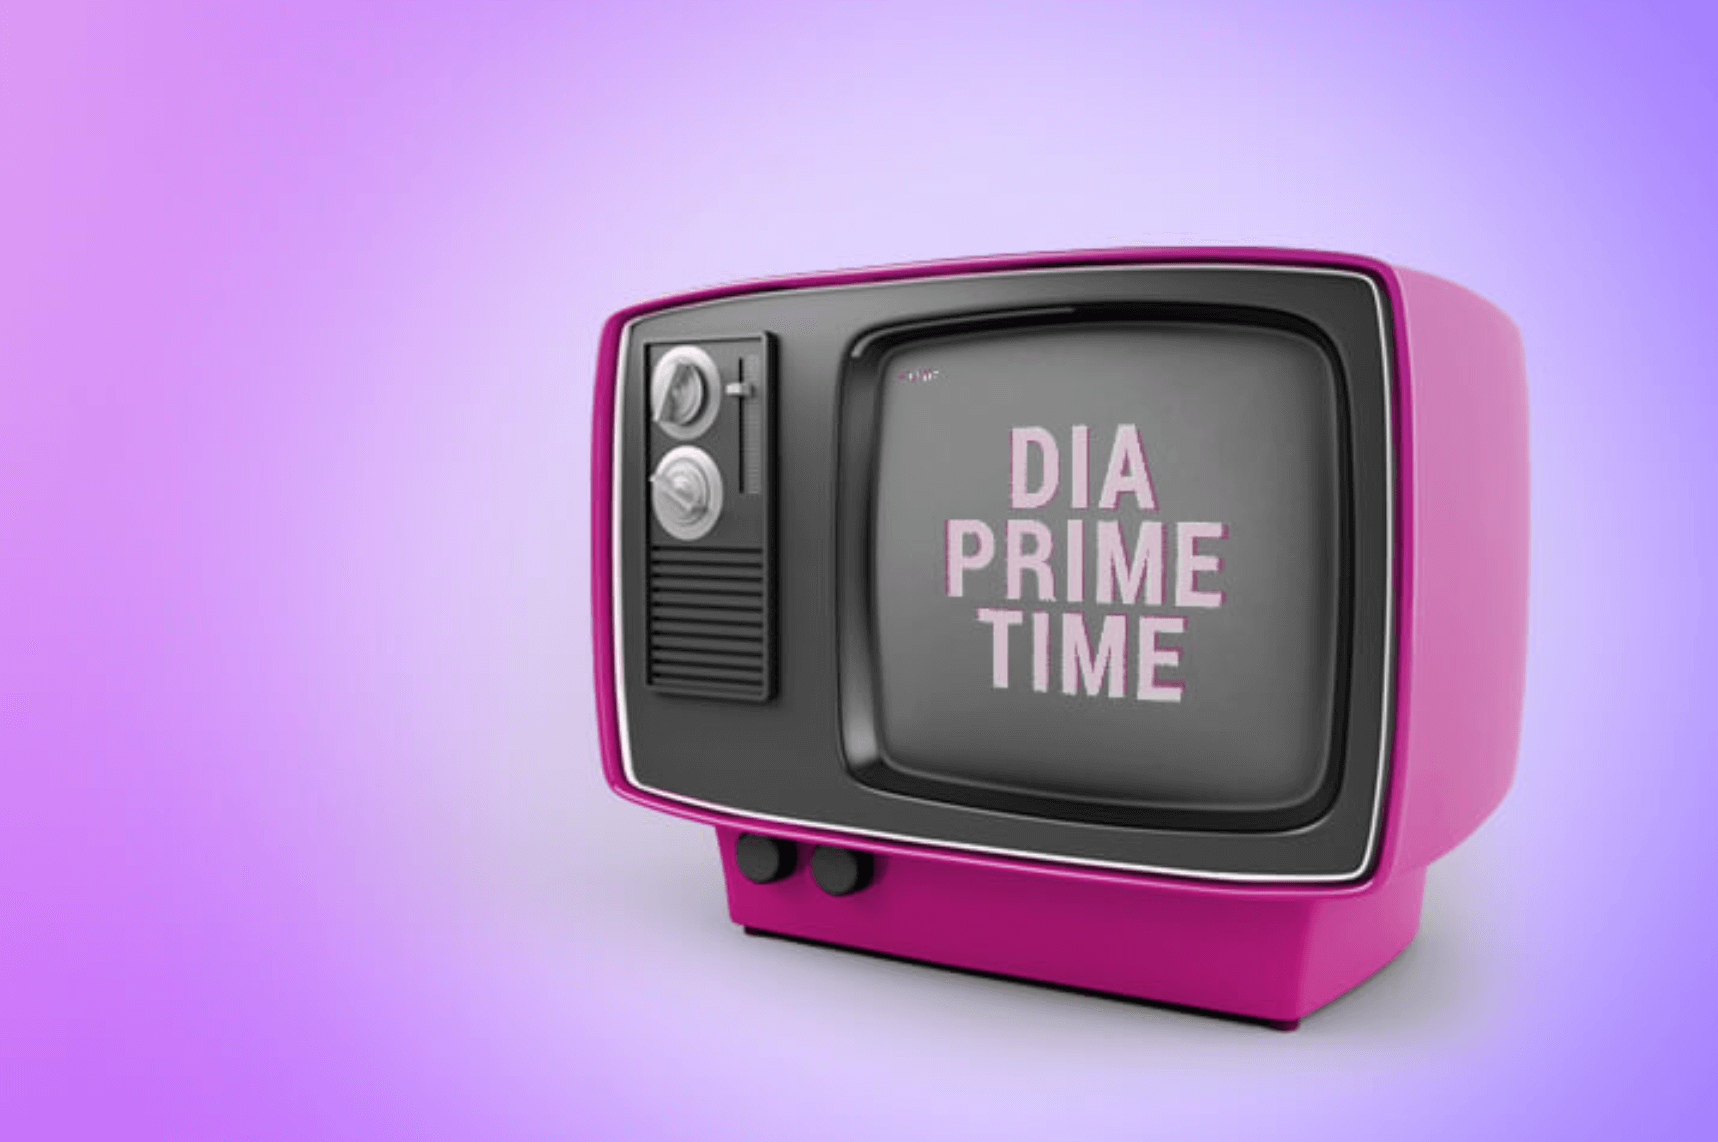 DIA Prime Time